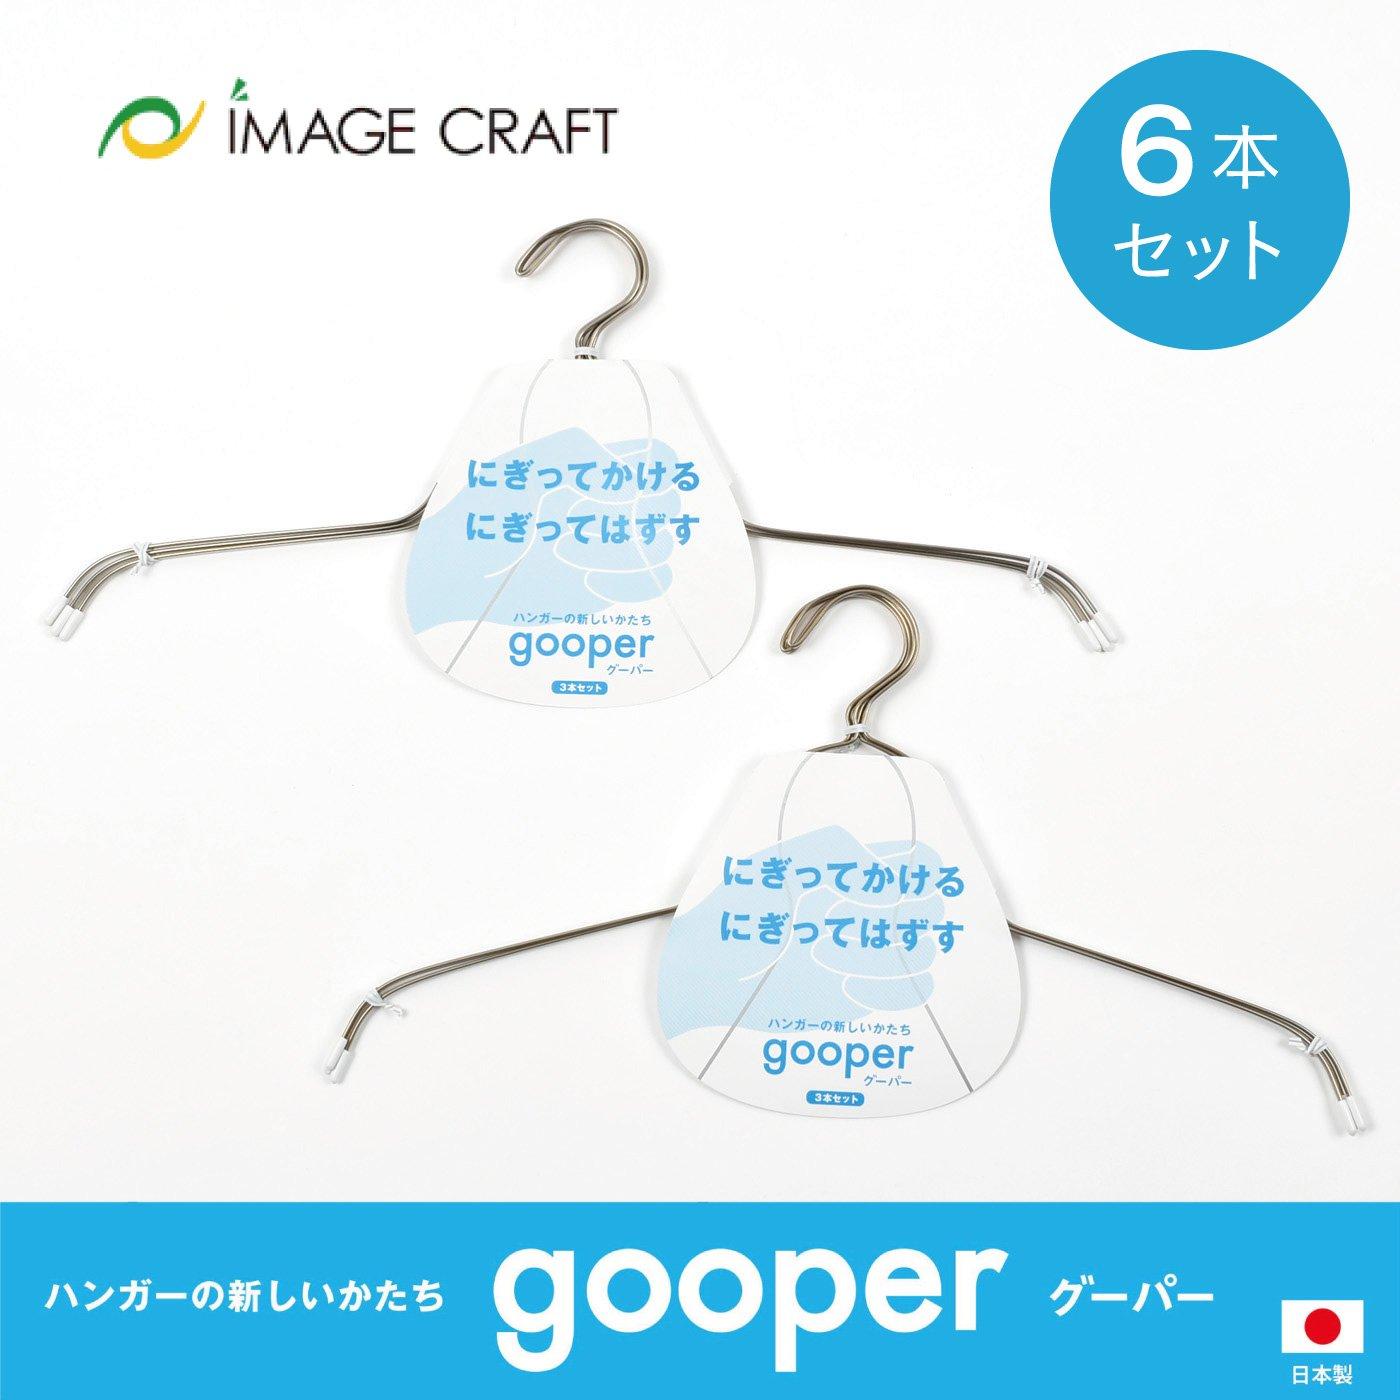 片手でにぎるだけで簡単 衣類ハンガー「グーパー」(6本セット)